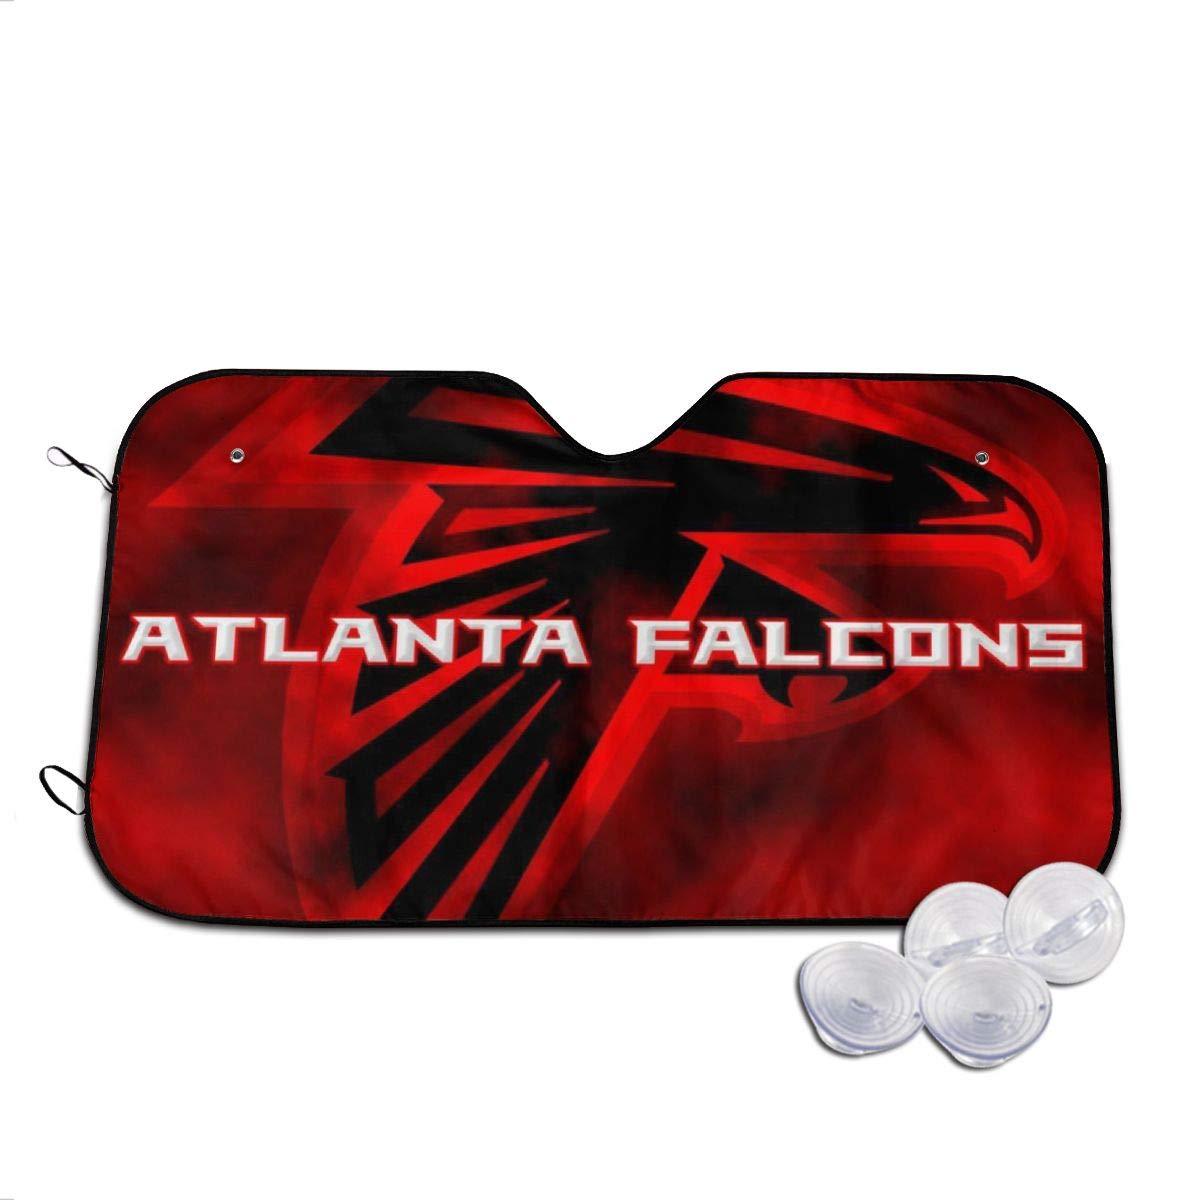 Atlanta-Falcons Car Sunshade Windshield Sunshade Universal Fit Block Sun Heat Protect Car Interior Medium